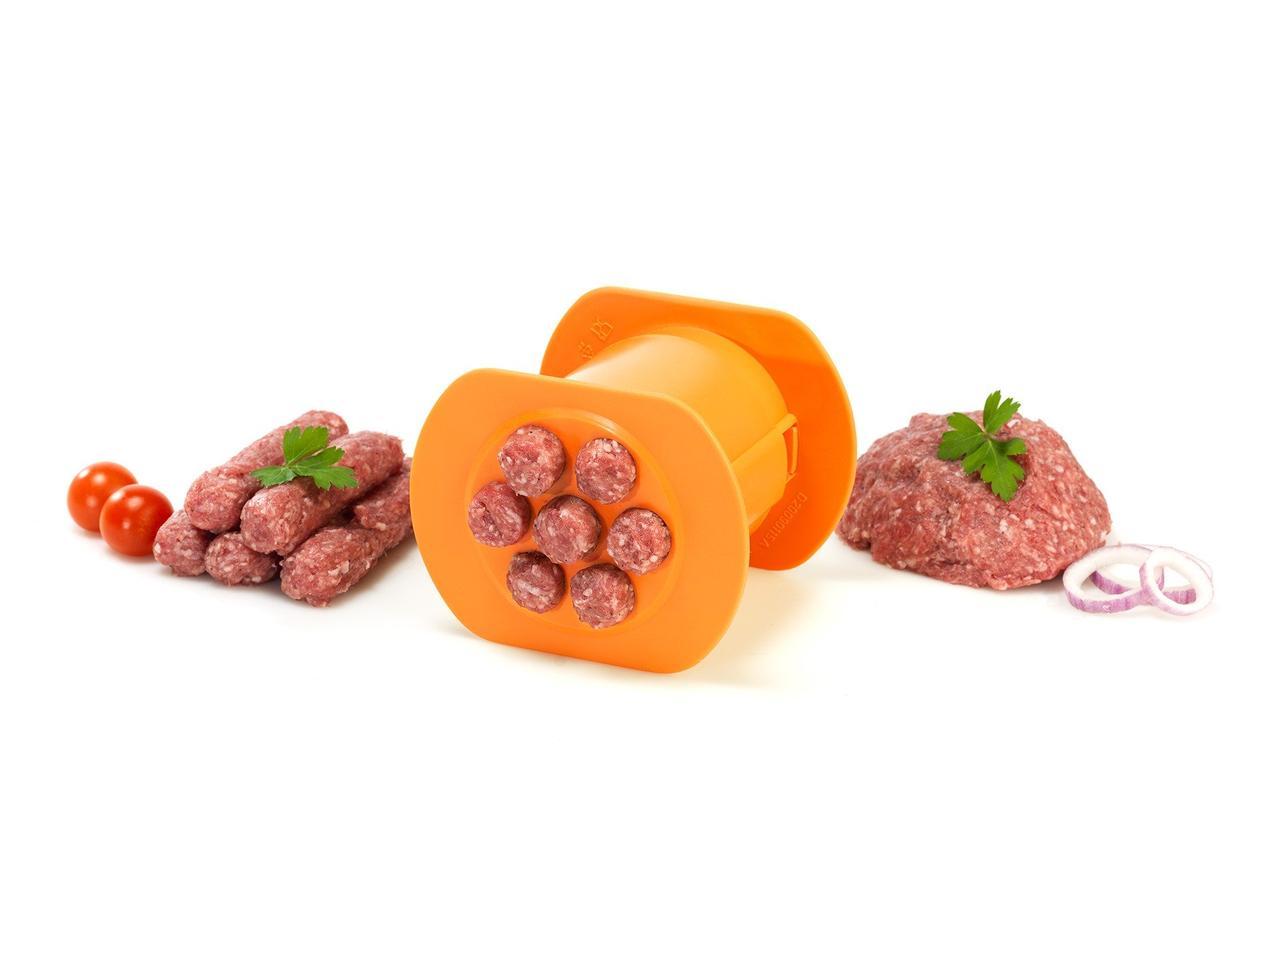 Прибор для приготовления колбасок Delimano Brava